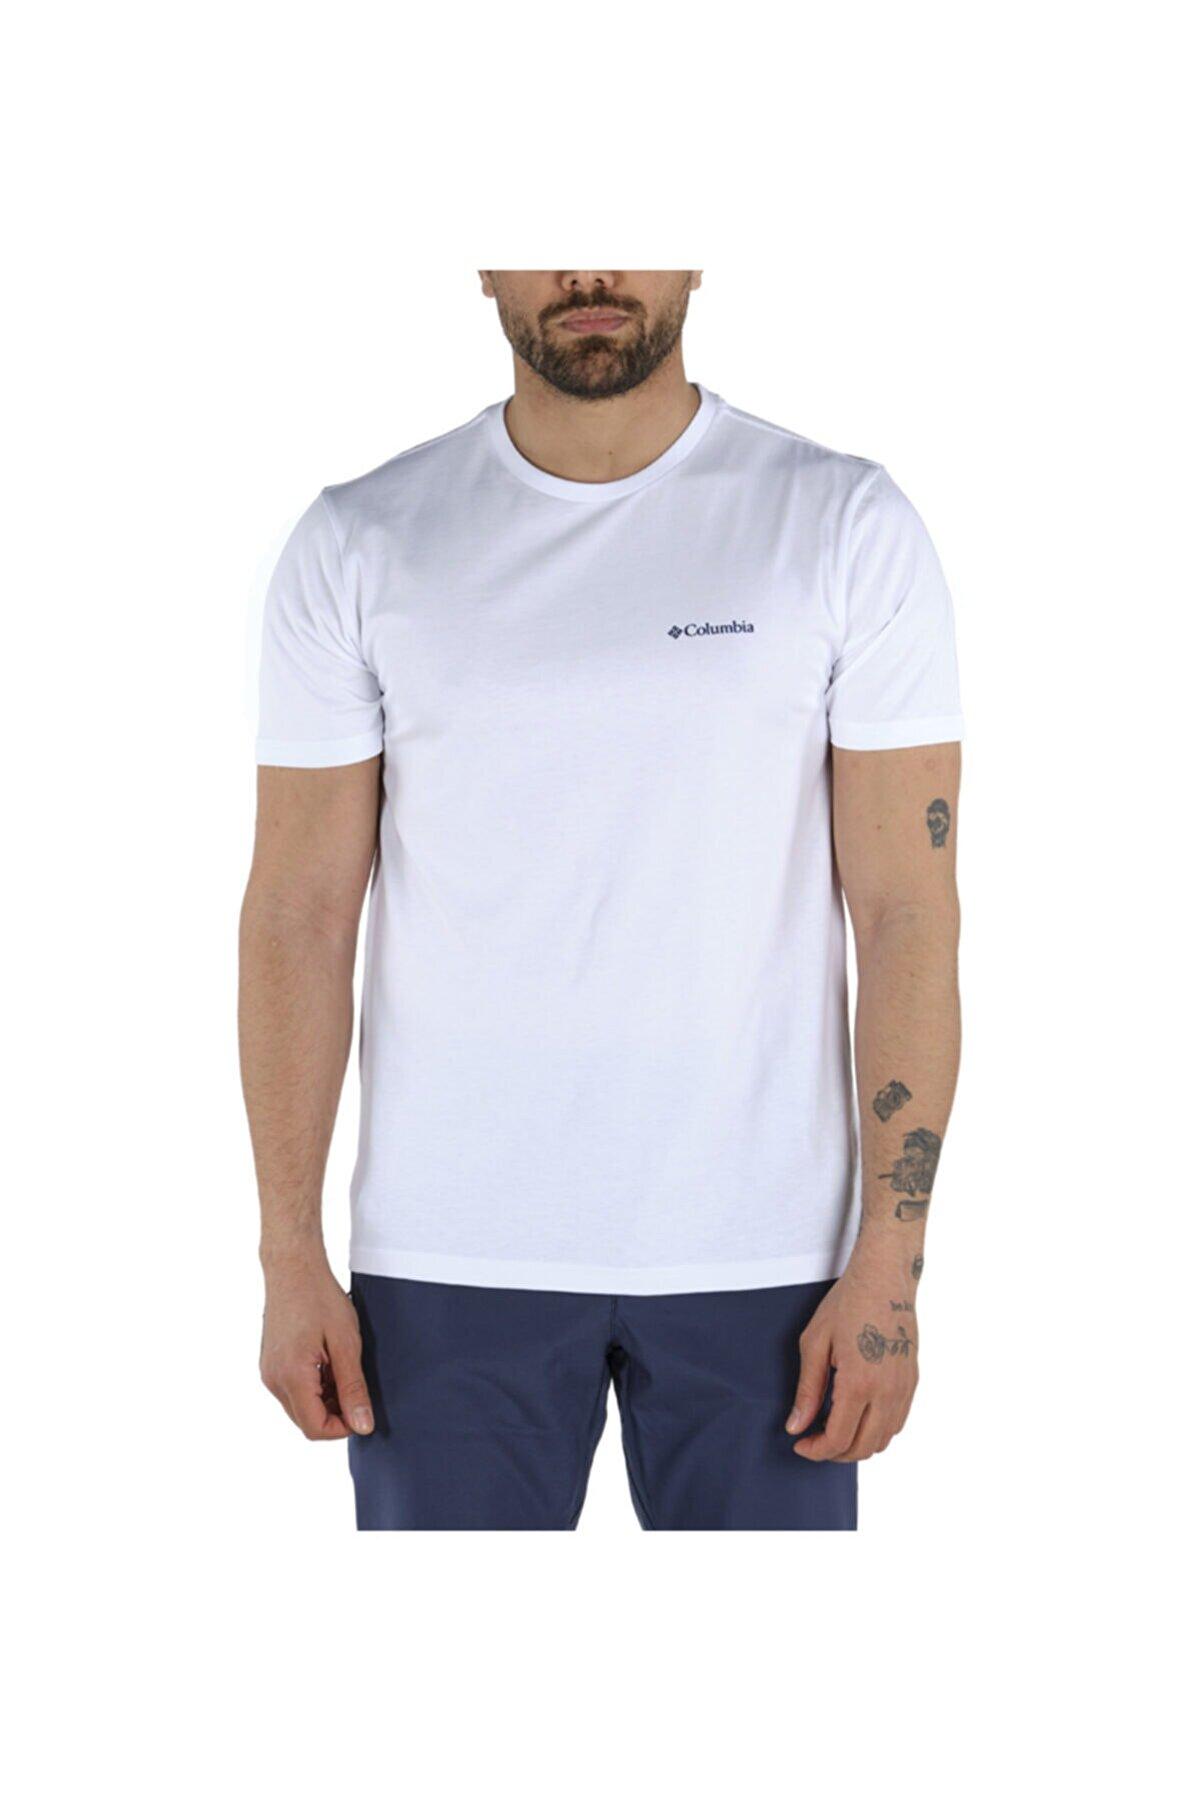 Columbia Erkek Beyaz Csc Basic Tişört 9110010100 Cs0002